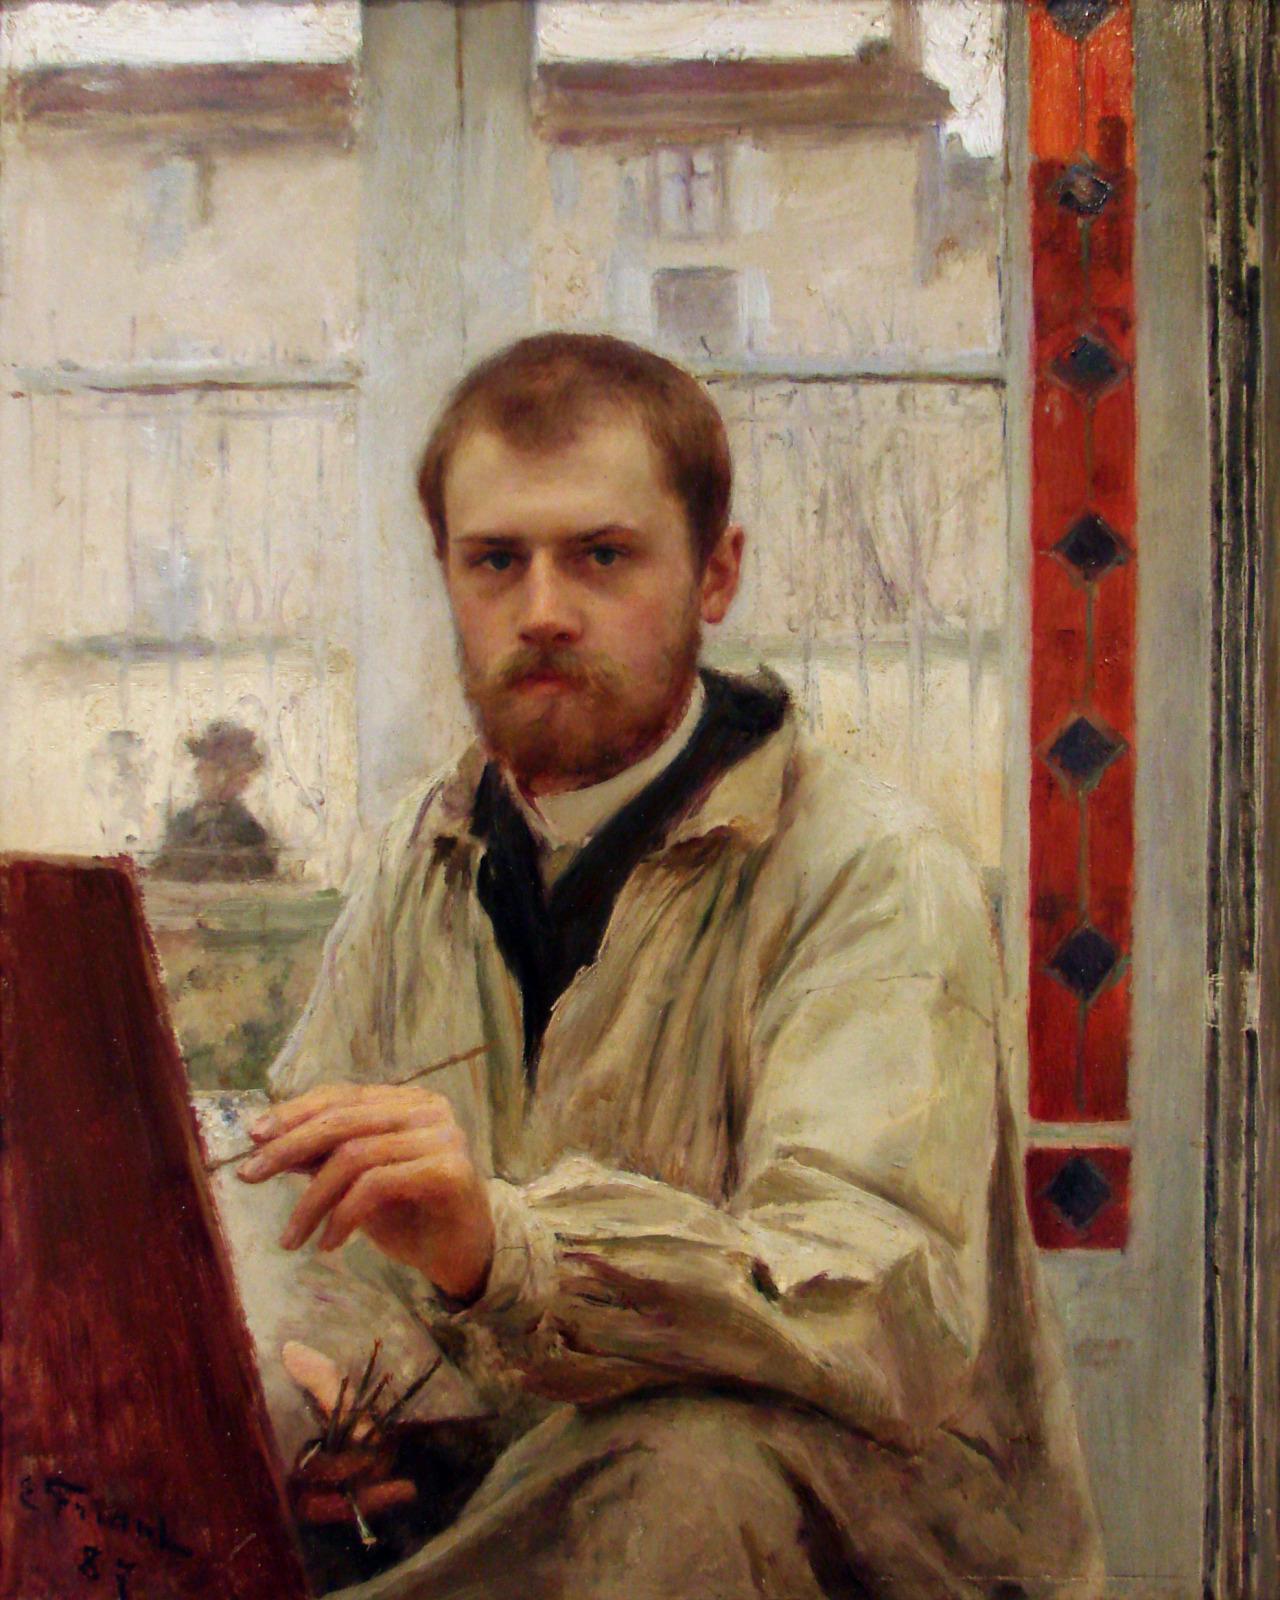 Autoportrait 1887 Emile Friant Musee des Beaux Arts de Nancy